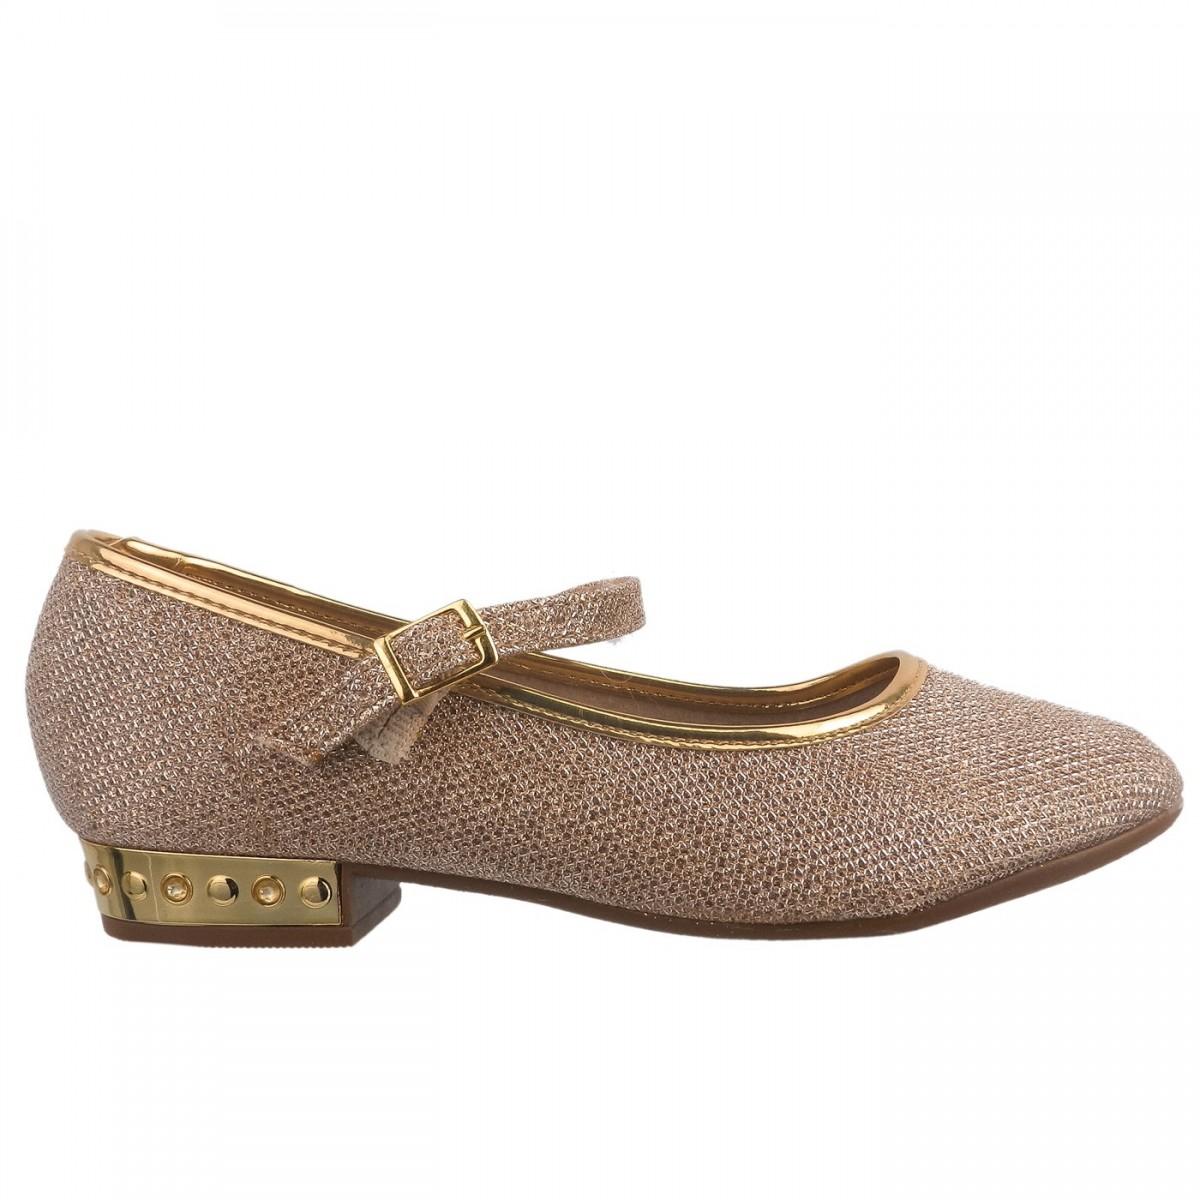 860efbf0a9 Bizz Store - Sapatilha Infantil Feminina Molekinha Dourada Brilho